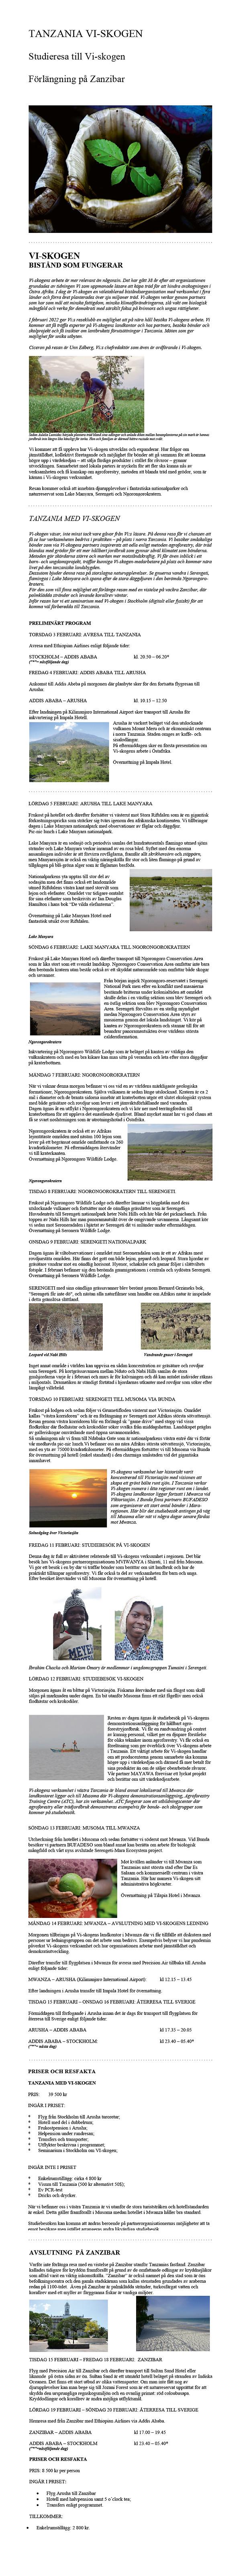 Vi-skogsresa höst 2021 211013.jpg